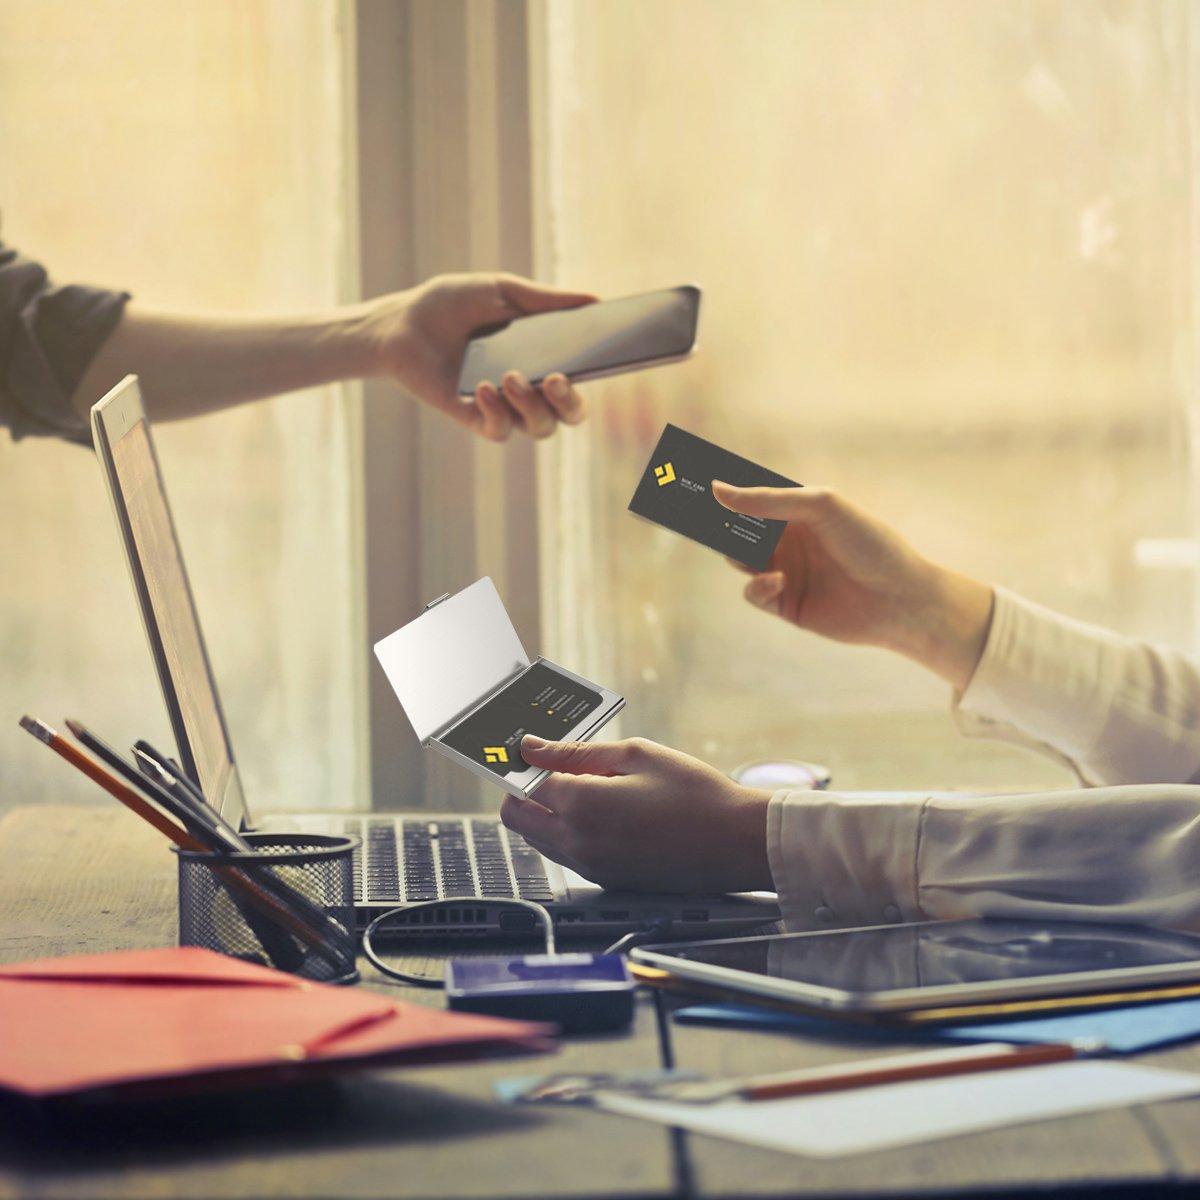 OZUAR 2 Pack Visitenkartenetuis Professioneller Kartenhalter f/ür Visitenkarten 9.3 x 6 x 0.7cm Edelstahl Aufbewahrungssch/ützer Taschen f/ür ID-Karten Kreditkarten